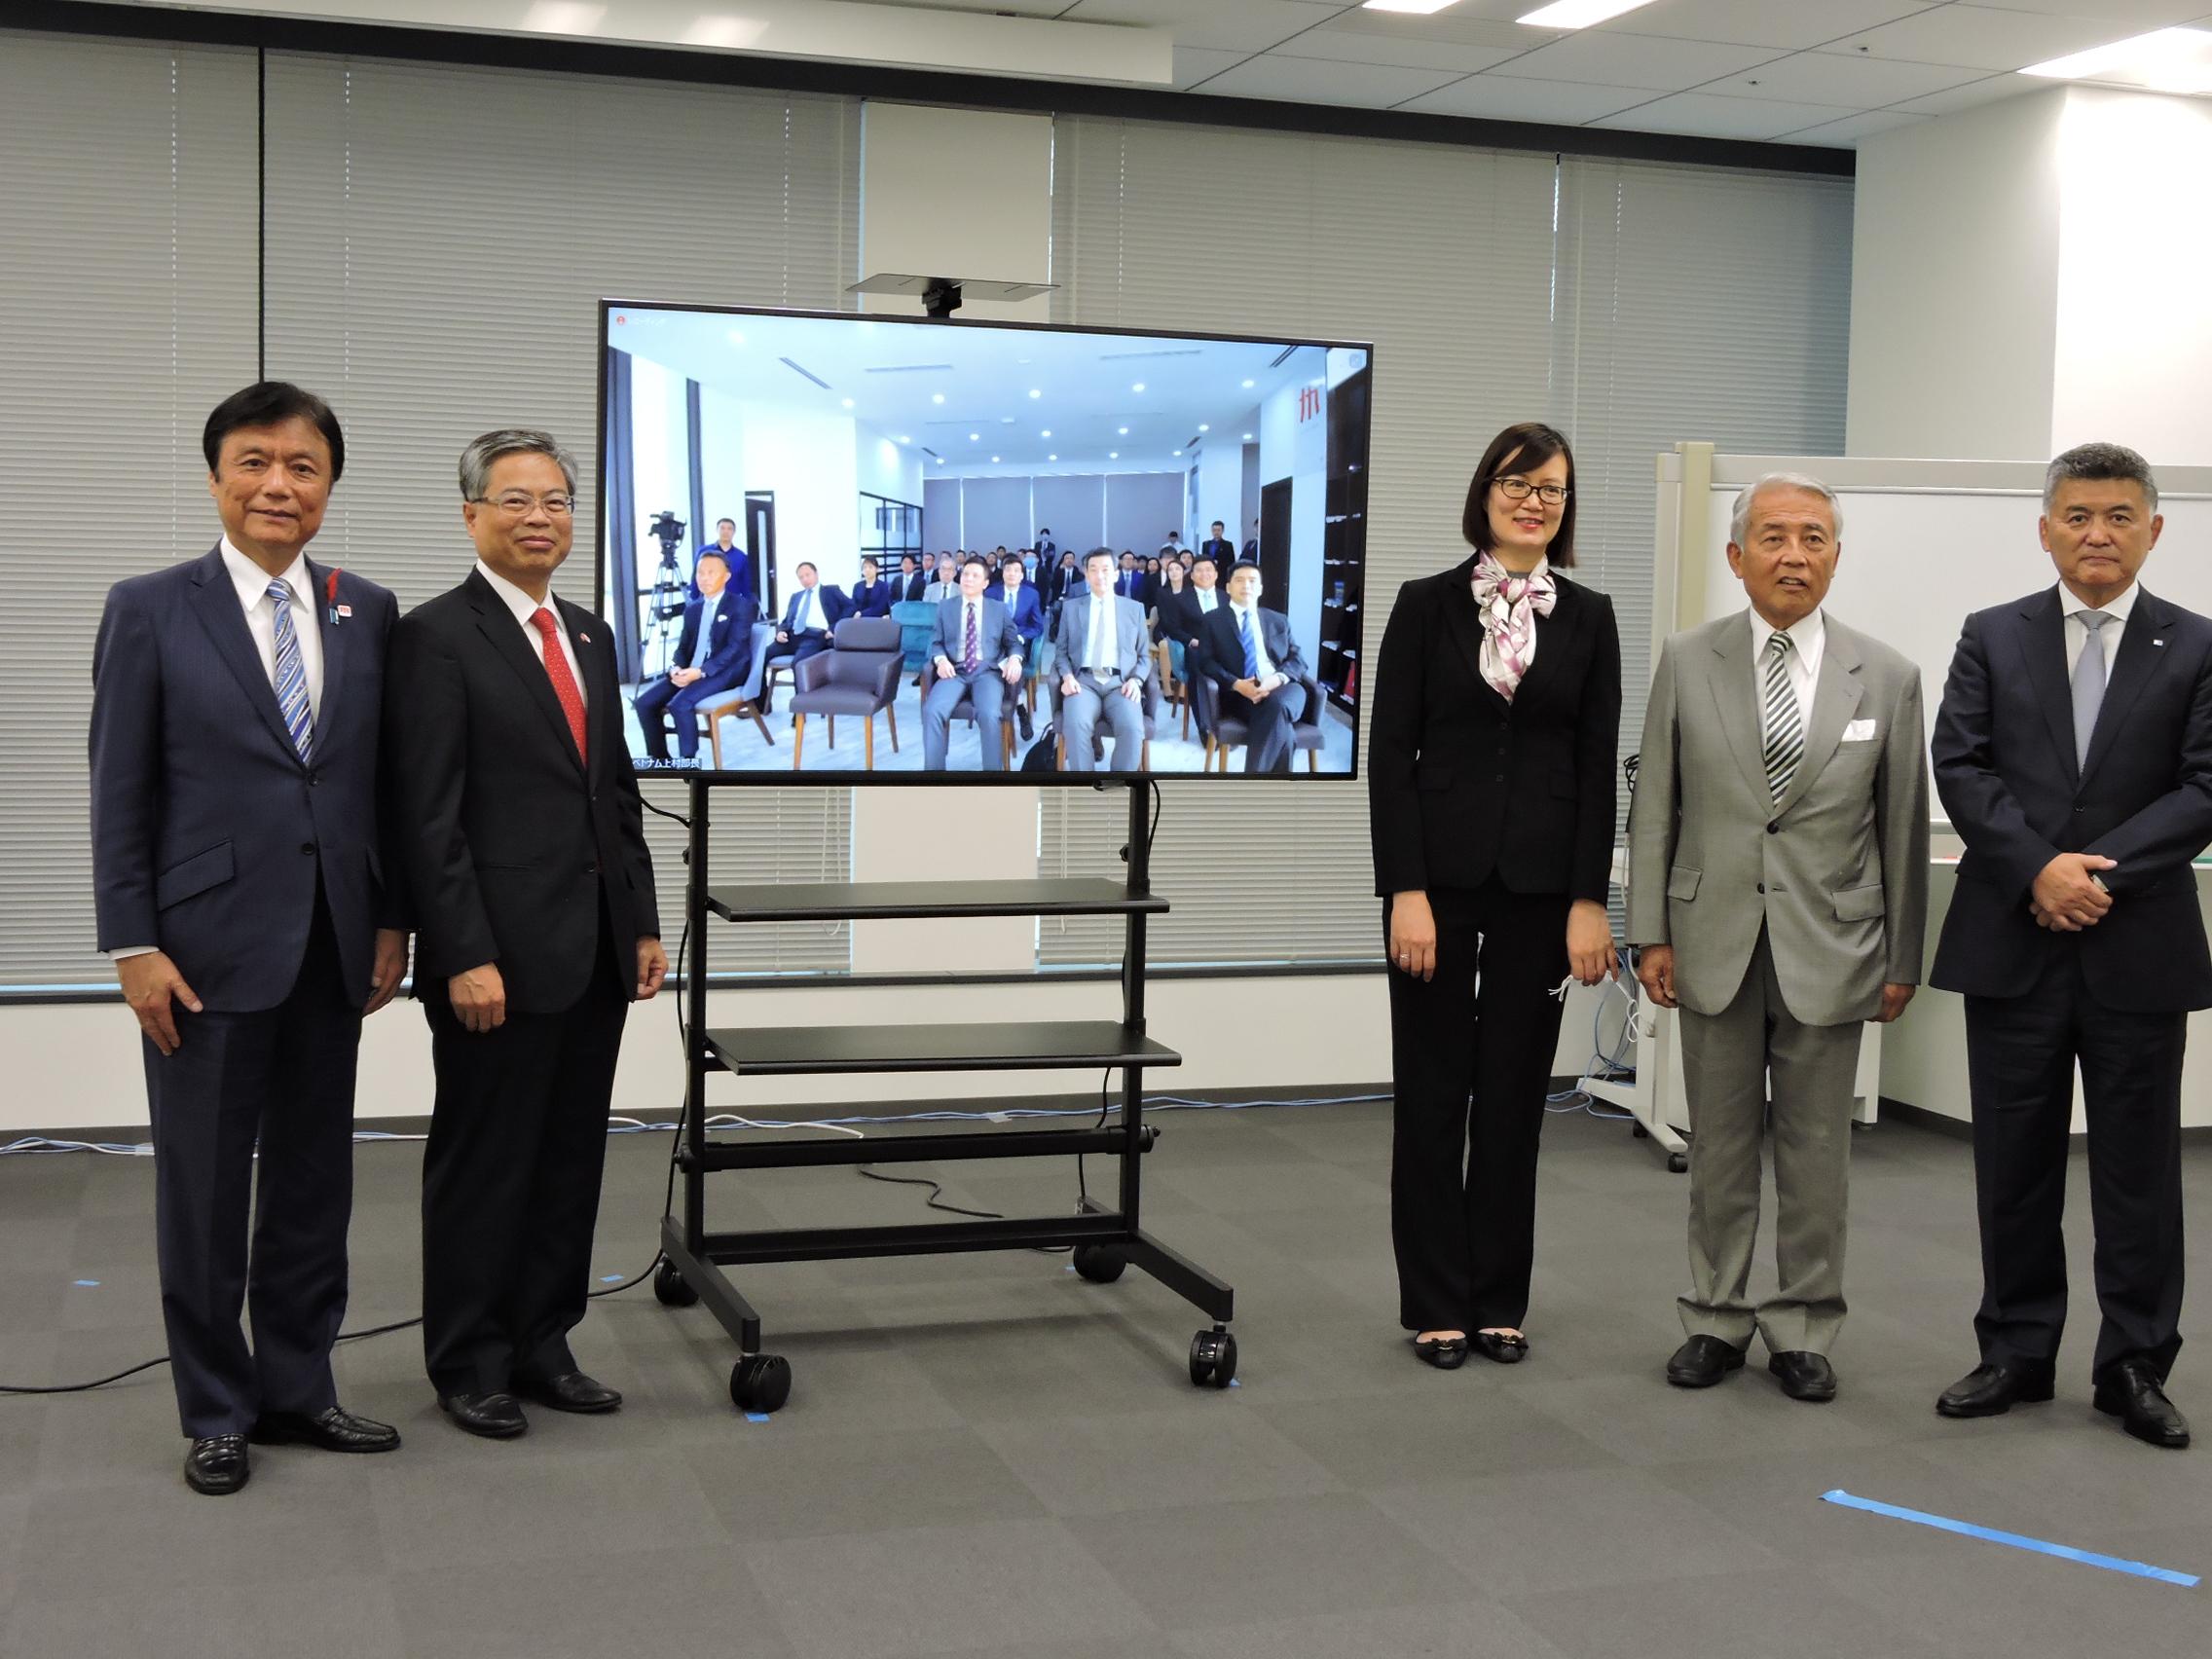 Đại sứ quán phối hợp KYUKEIREN tổ chức Hội thảo xúc tiến đầu tư Kyushu-Việt Nam nhân dịp khai trương Trung tâm xúc tiến, quảng báo Kyushu tại Hà Nội